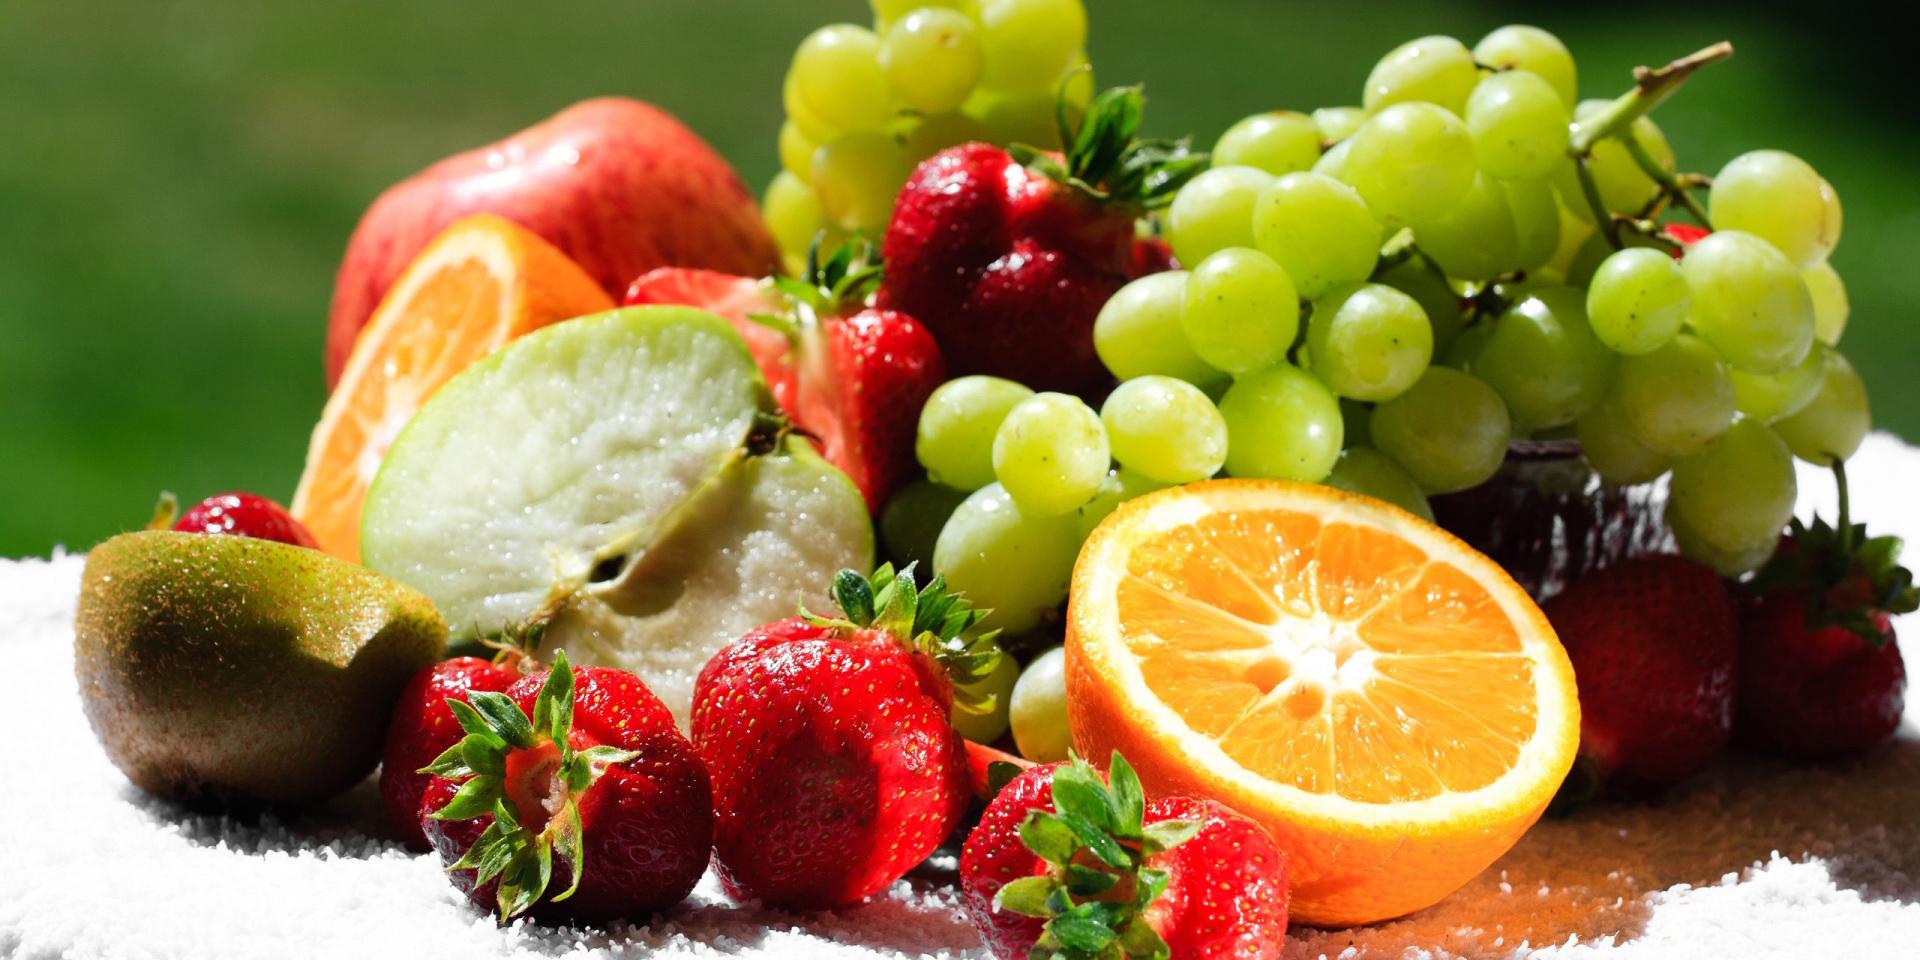 نرخ میوه درجه یک در بازار